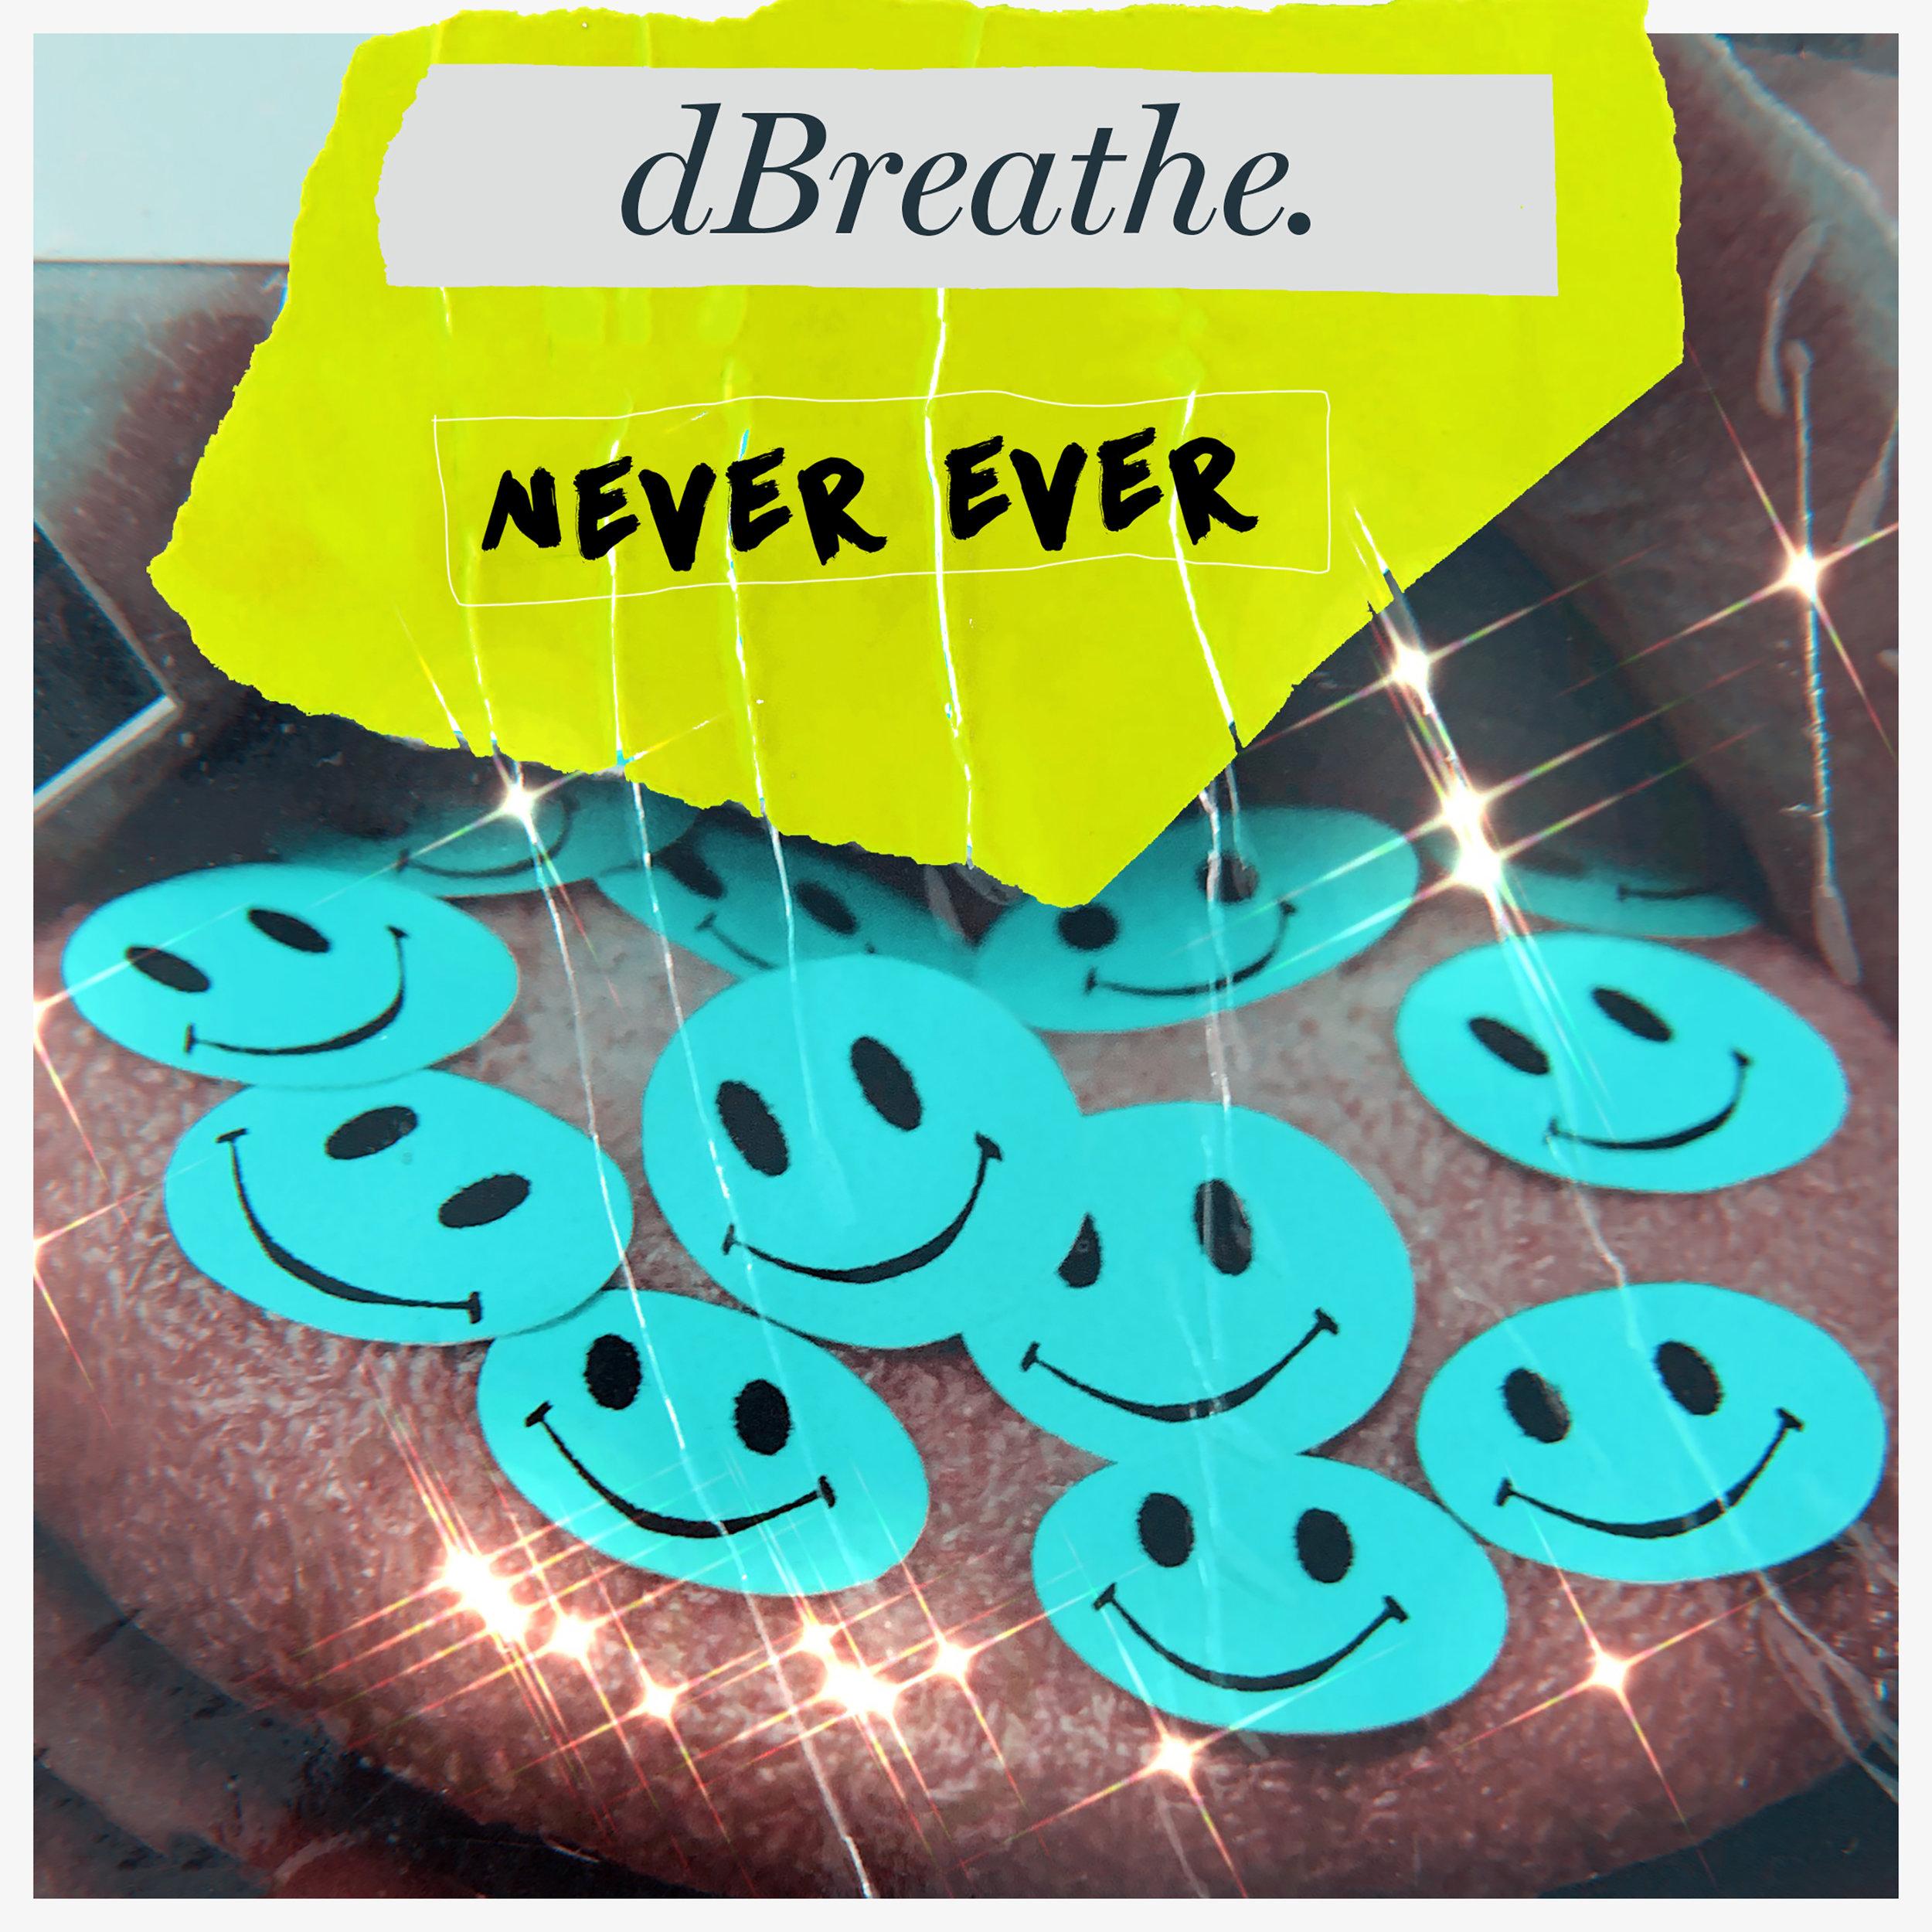 never_ever_artwork.jpg